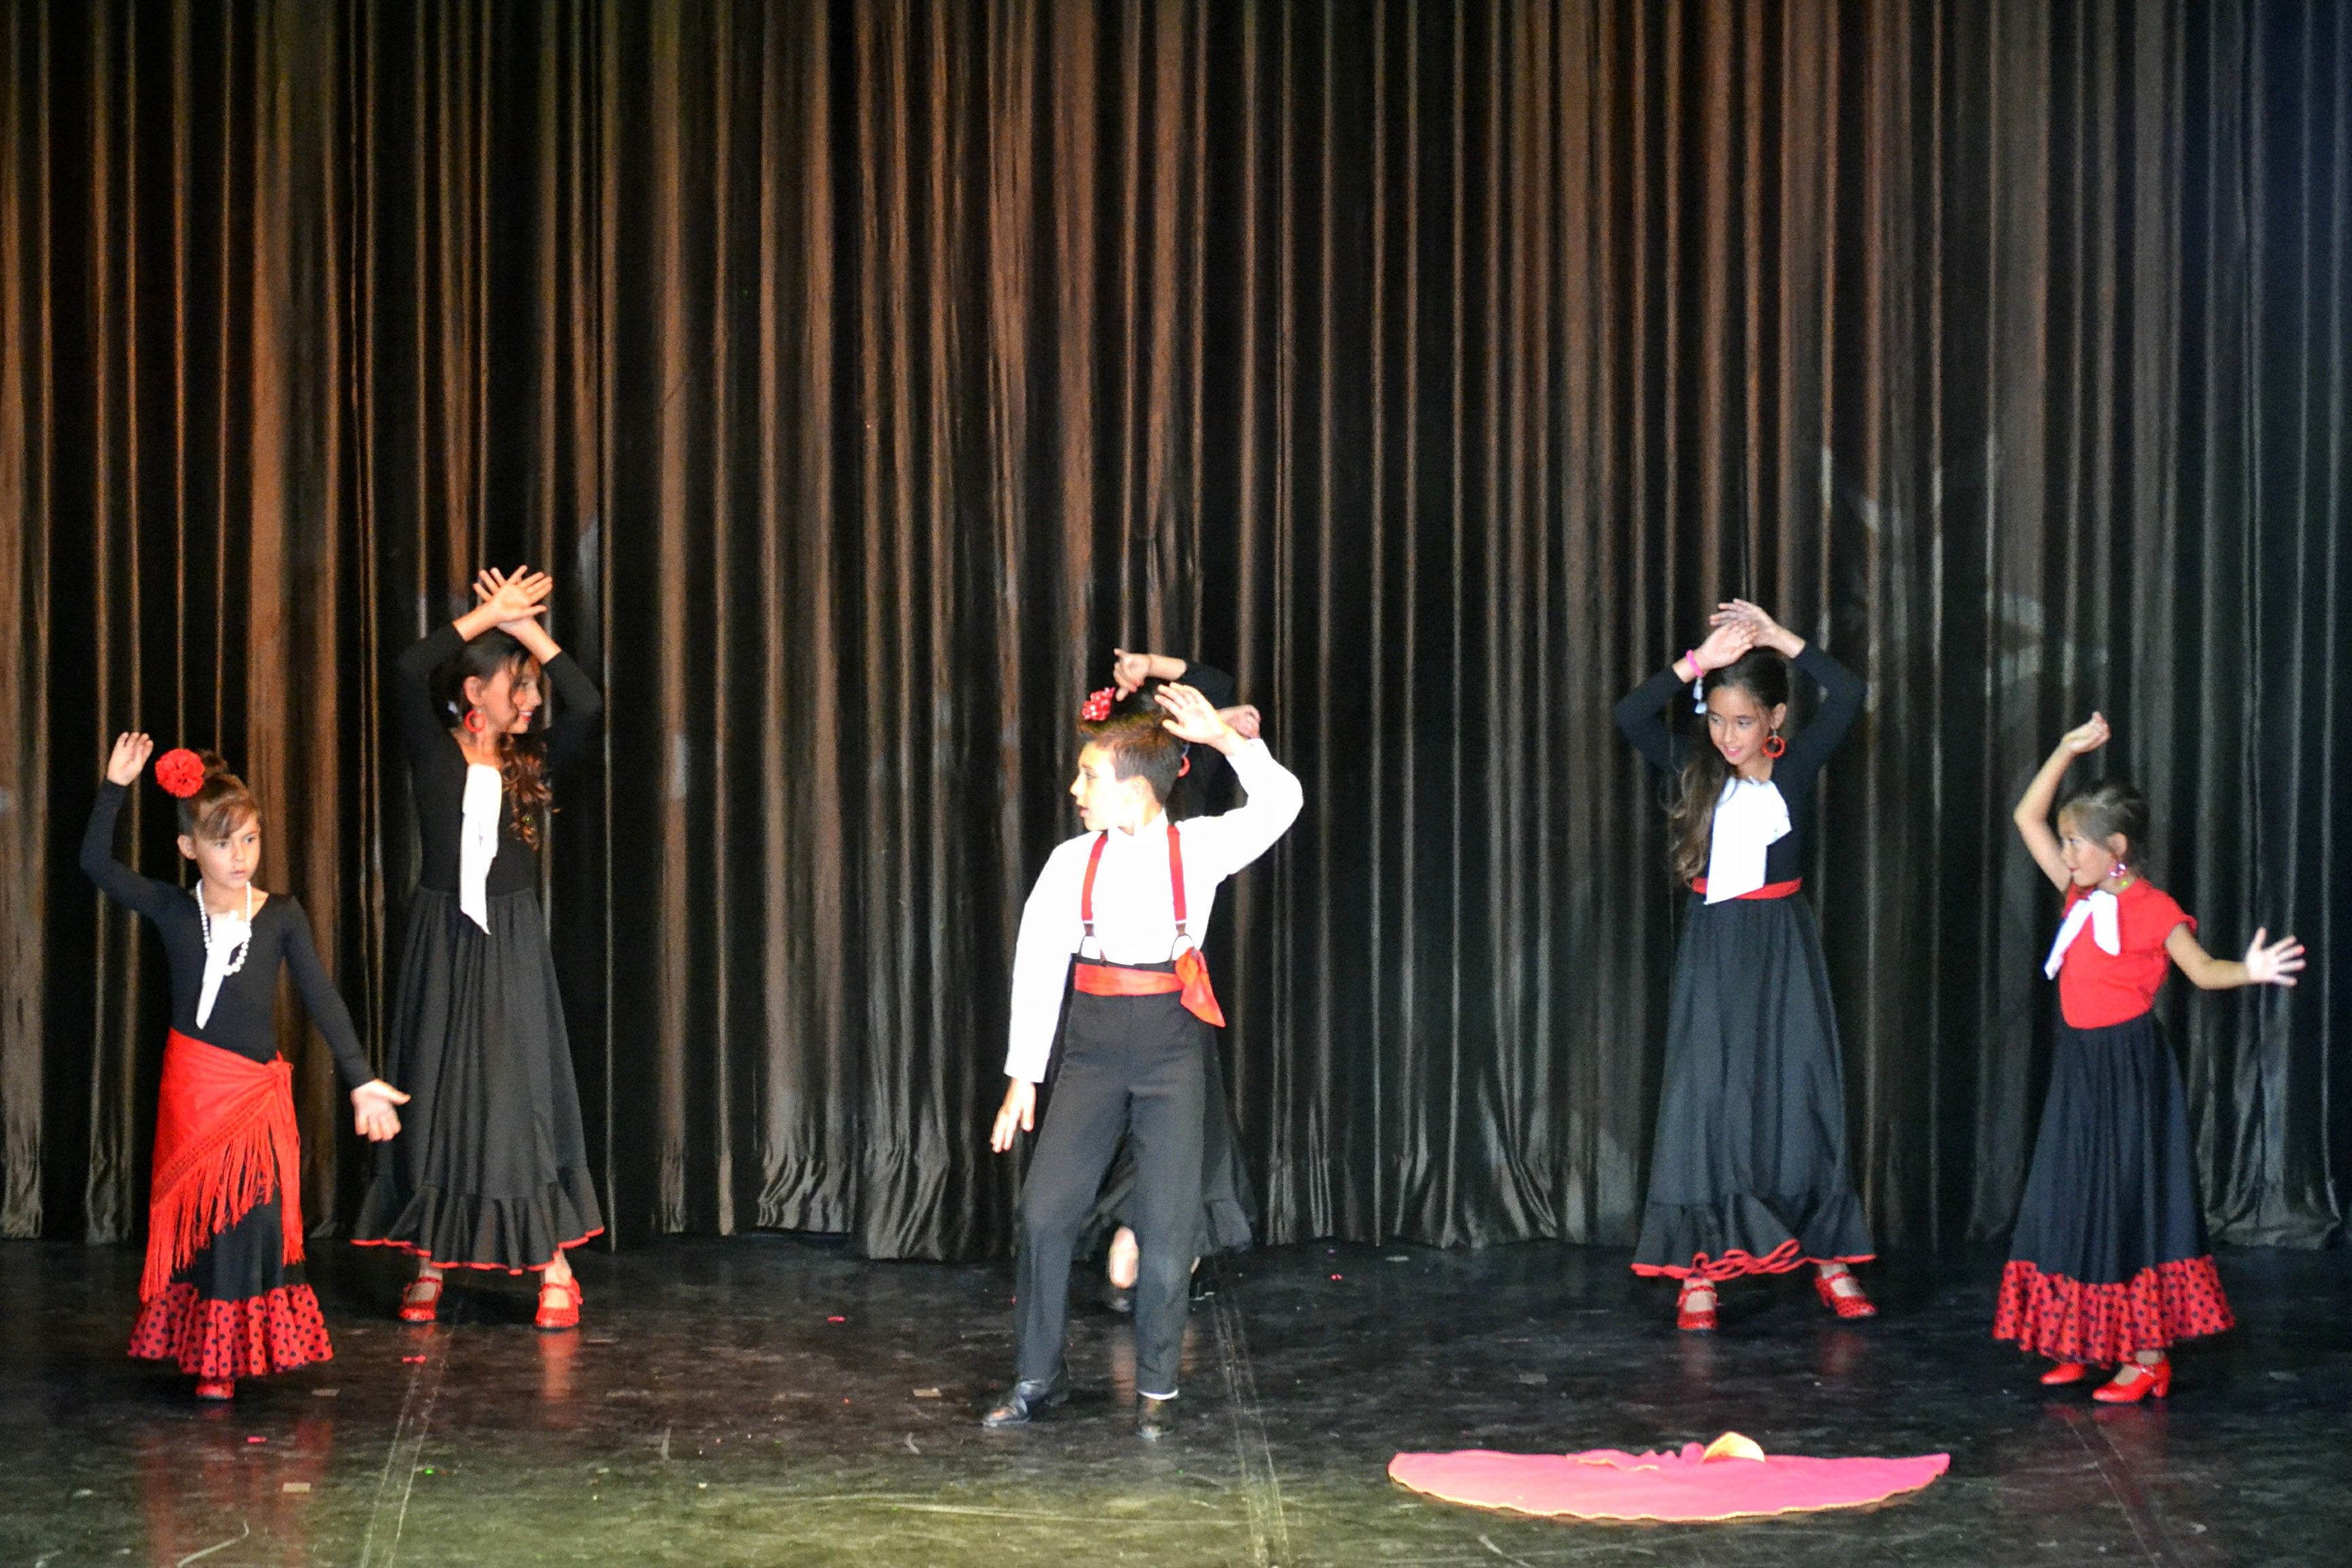 Linea-de-Baile-festival-verano-2015-clases-de-baile-valencia-178